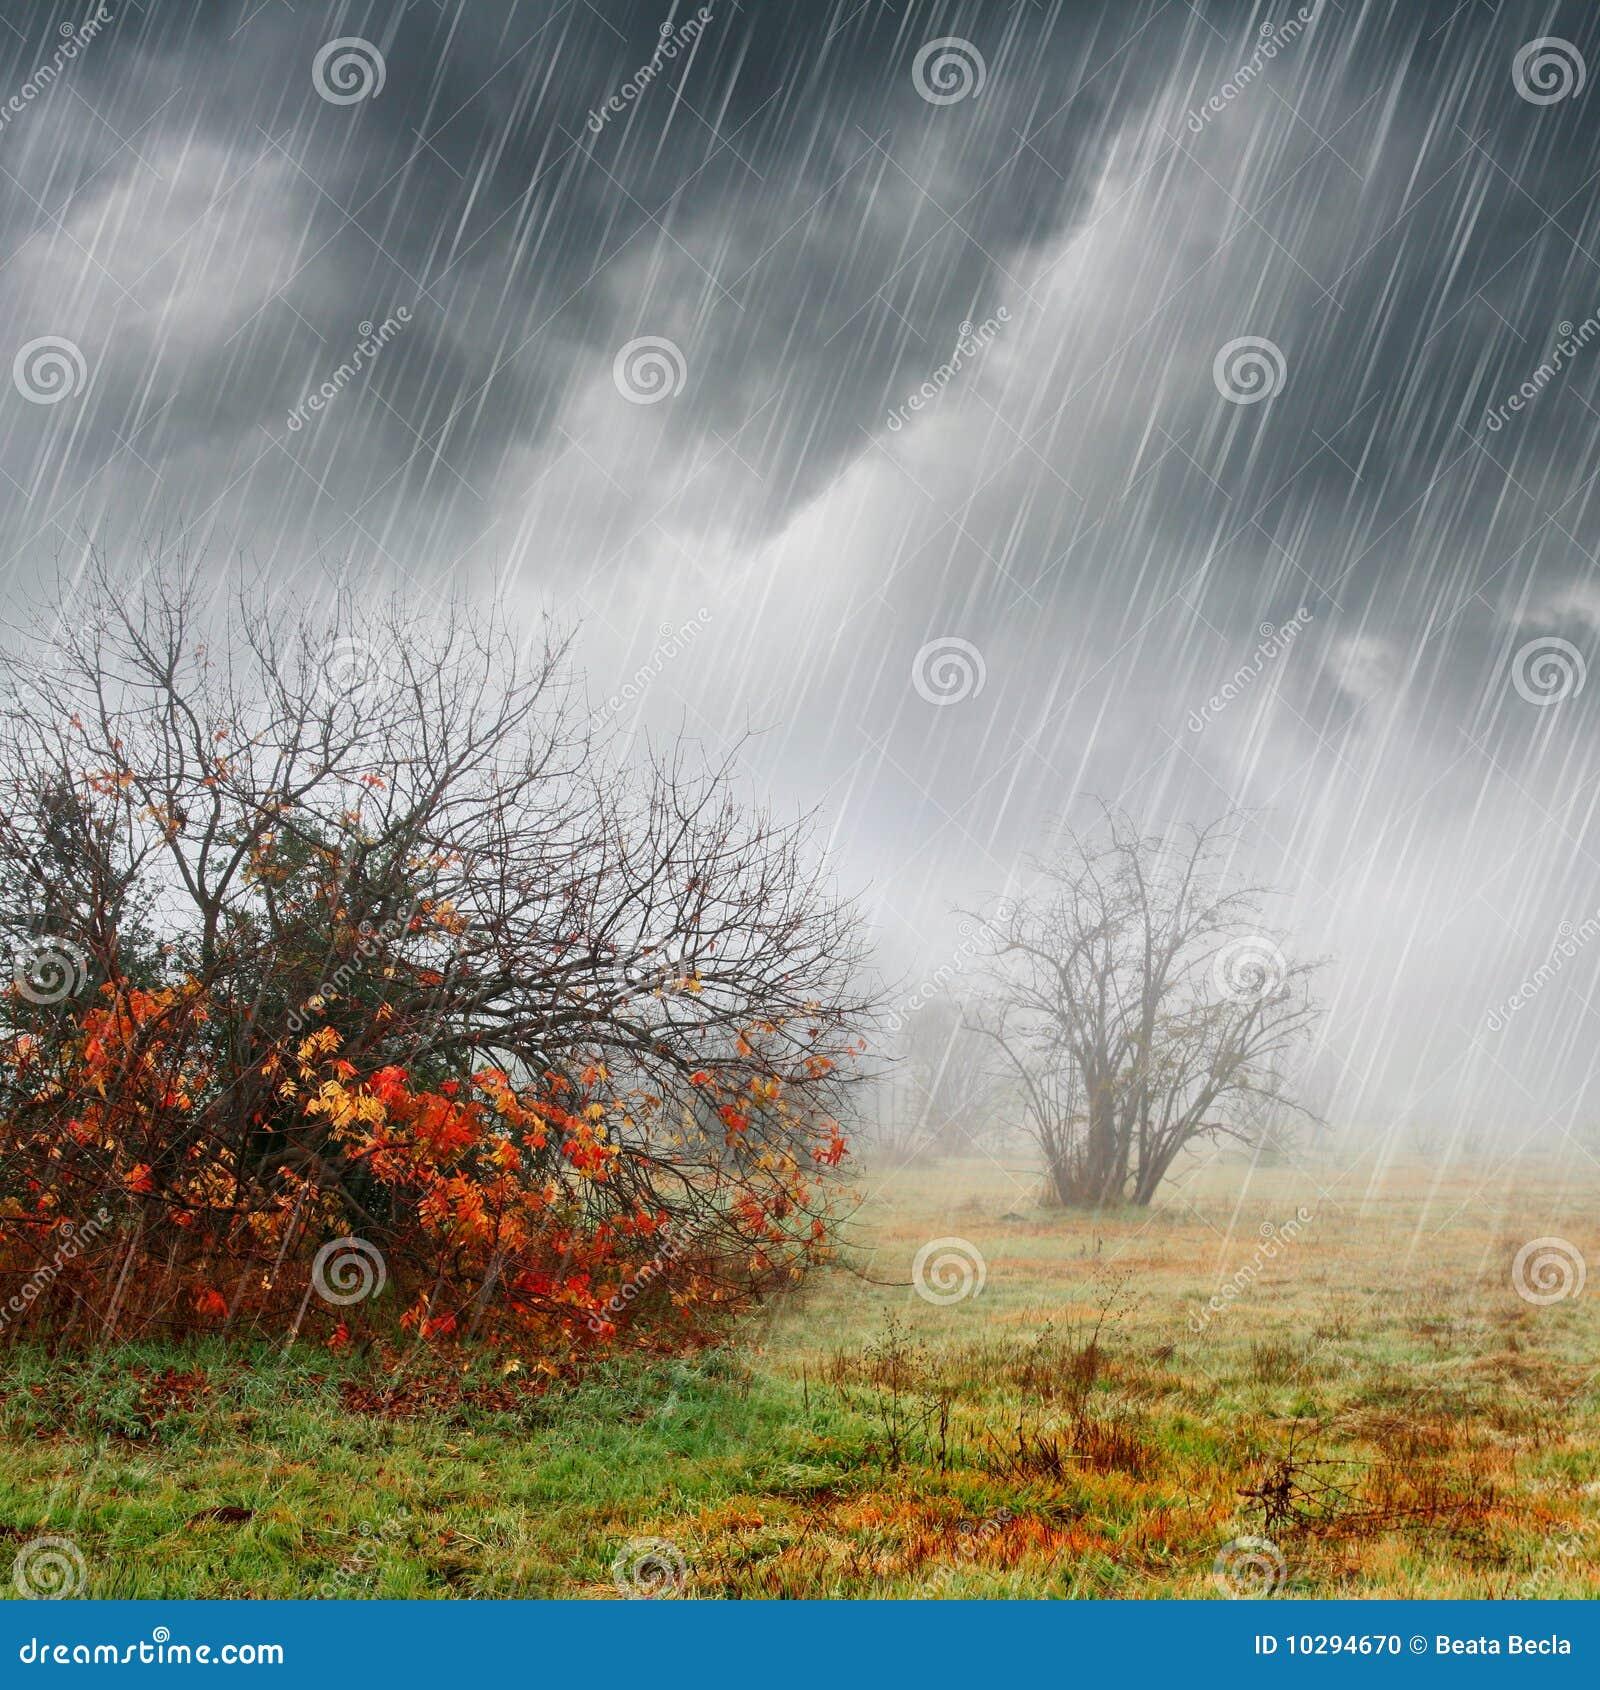 Falllandschaft im Regen und im Nebel